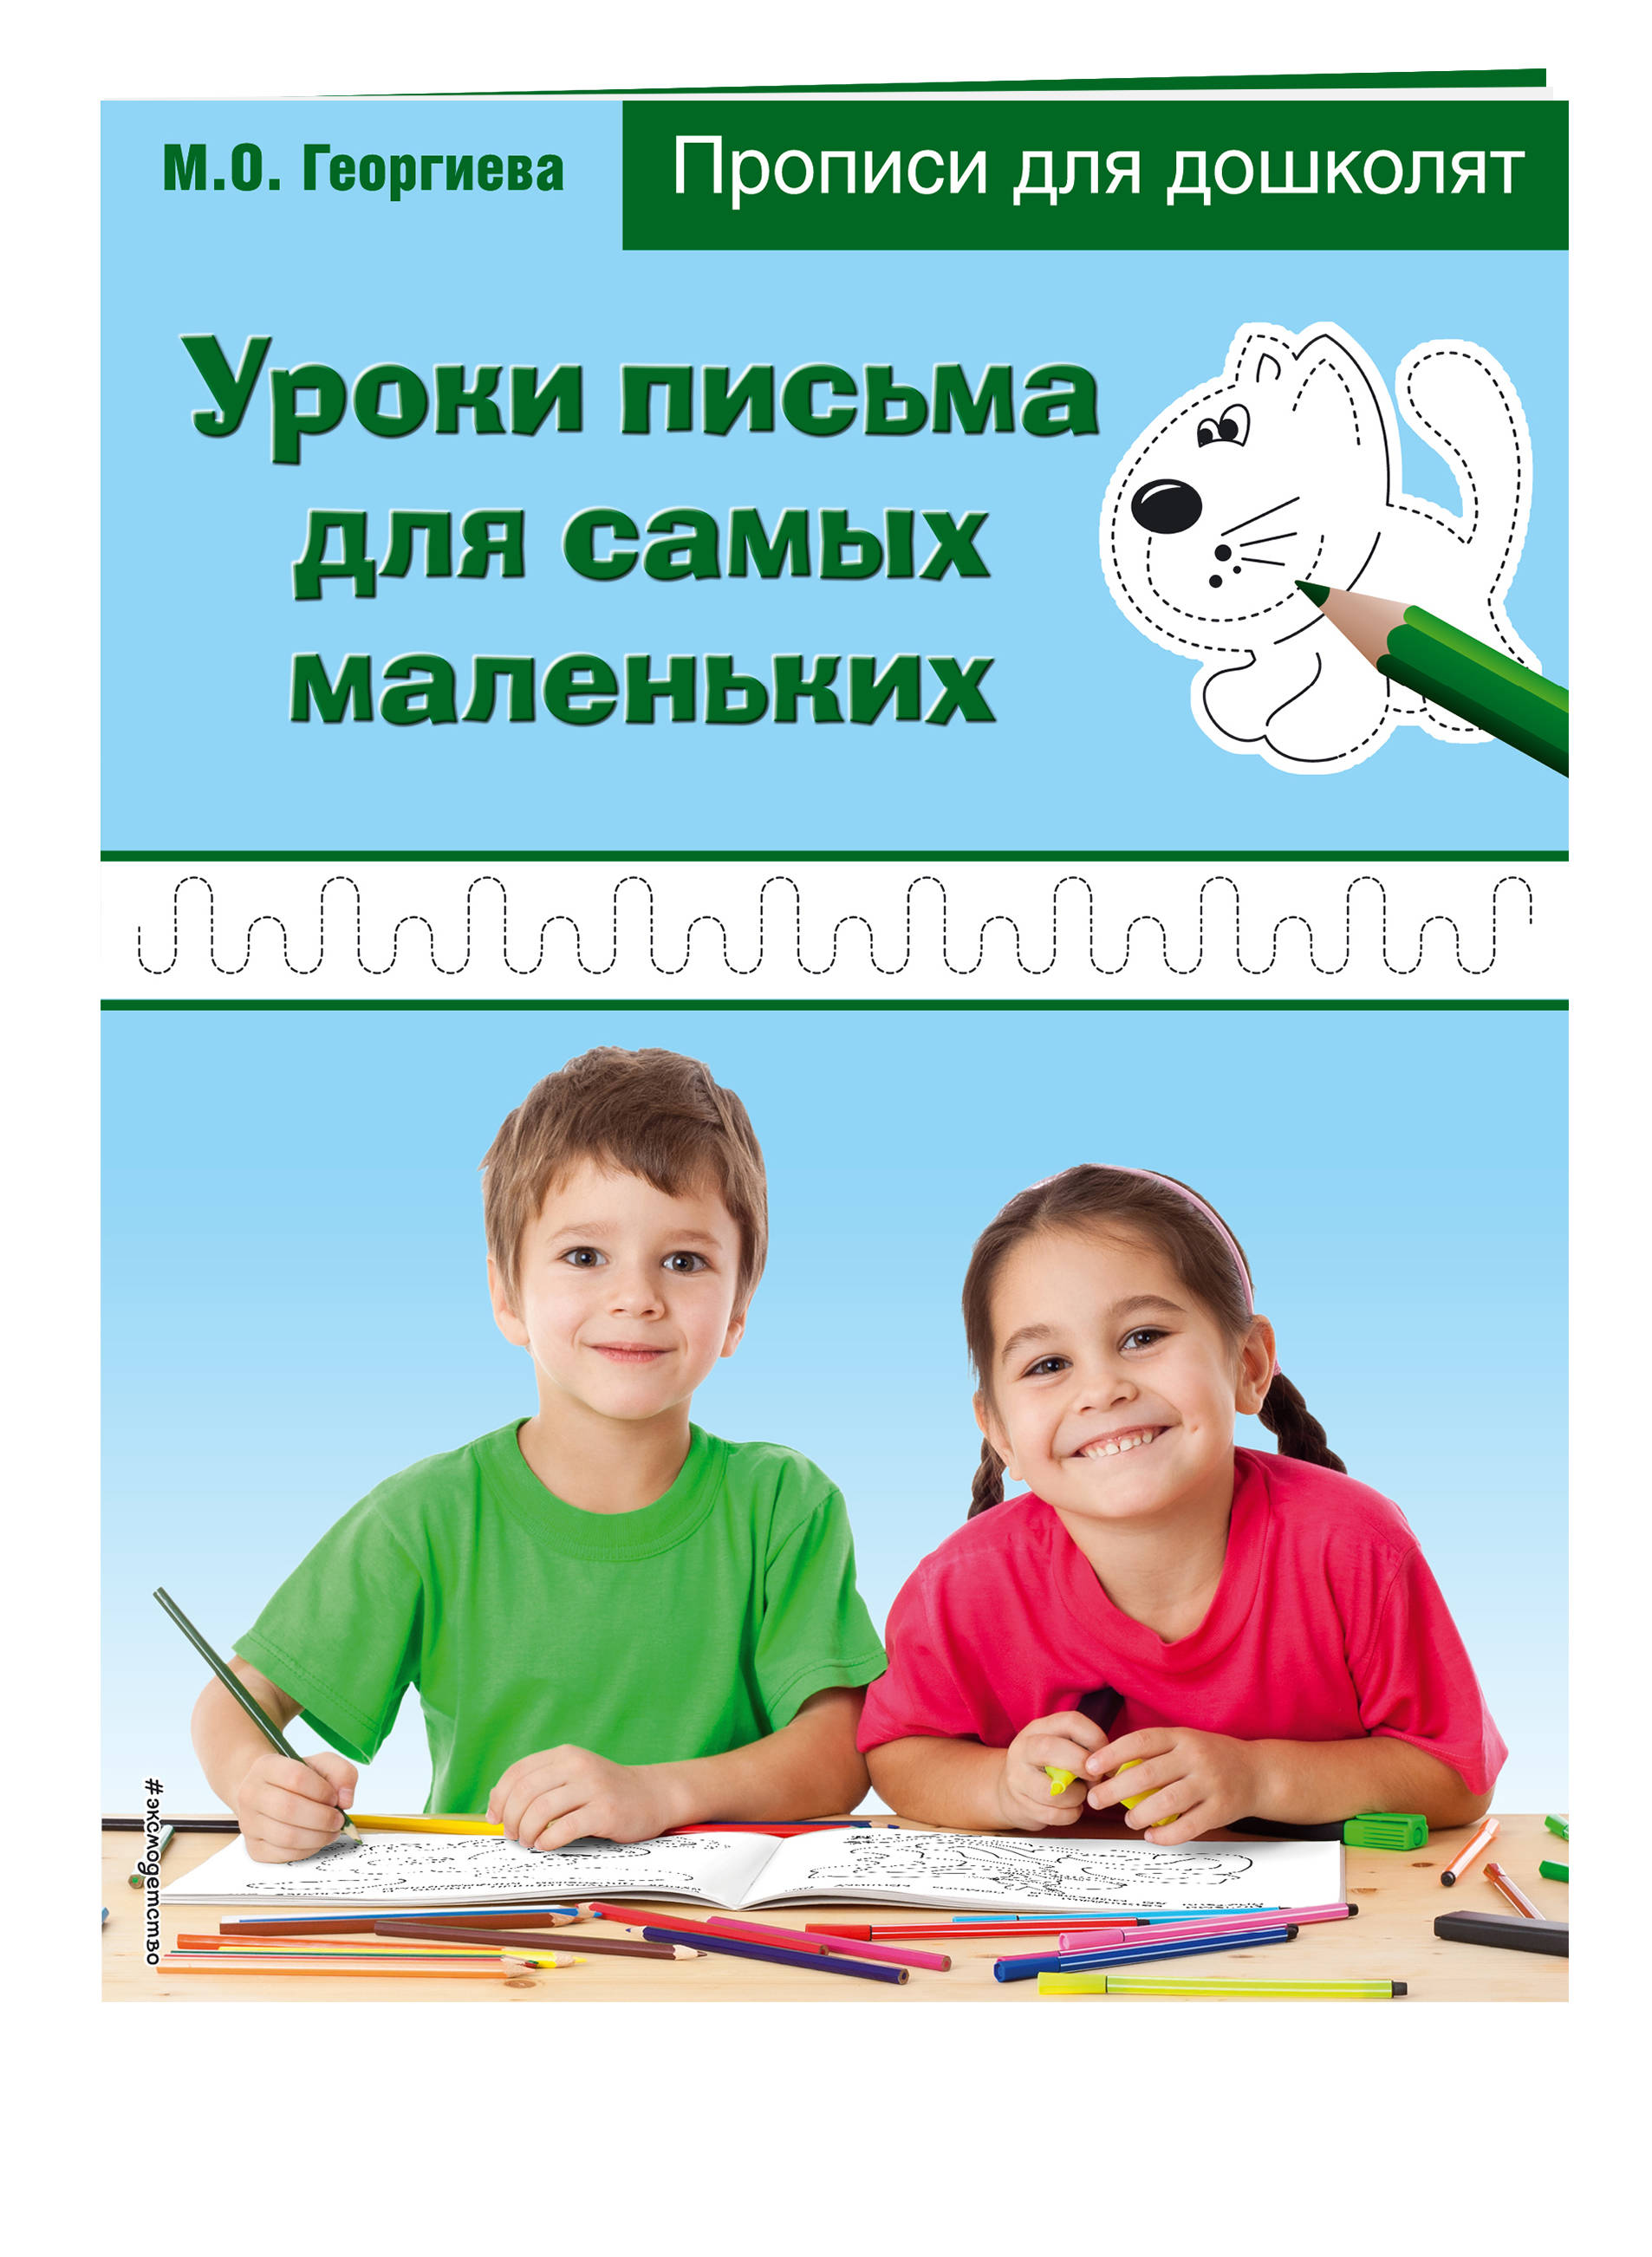 Уроки письма для самых маленьких ( Георгиева М.О.  )